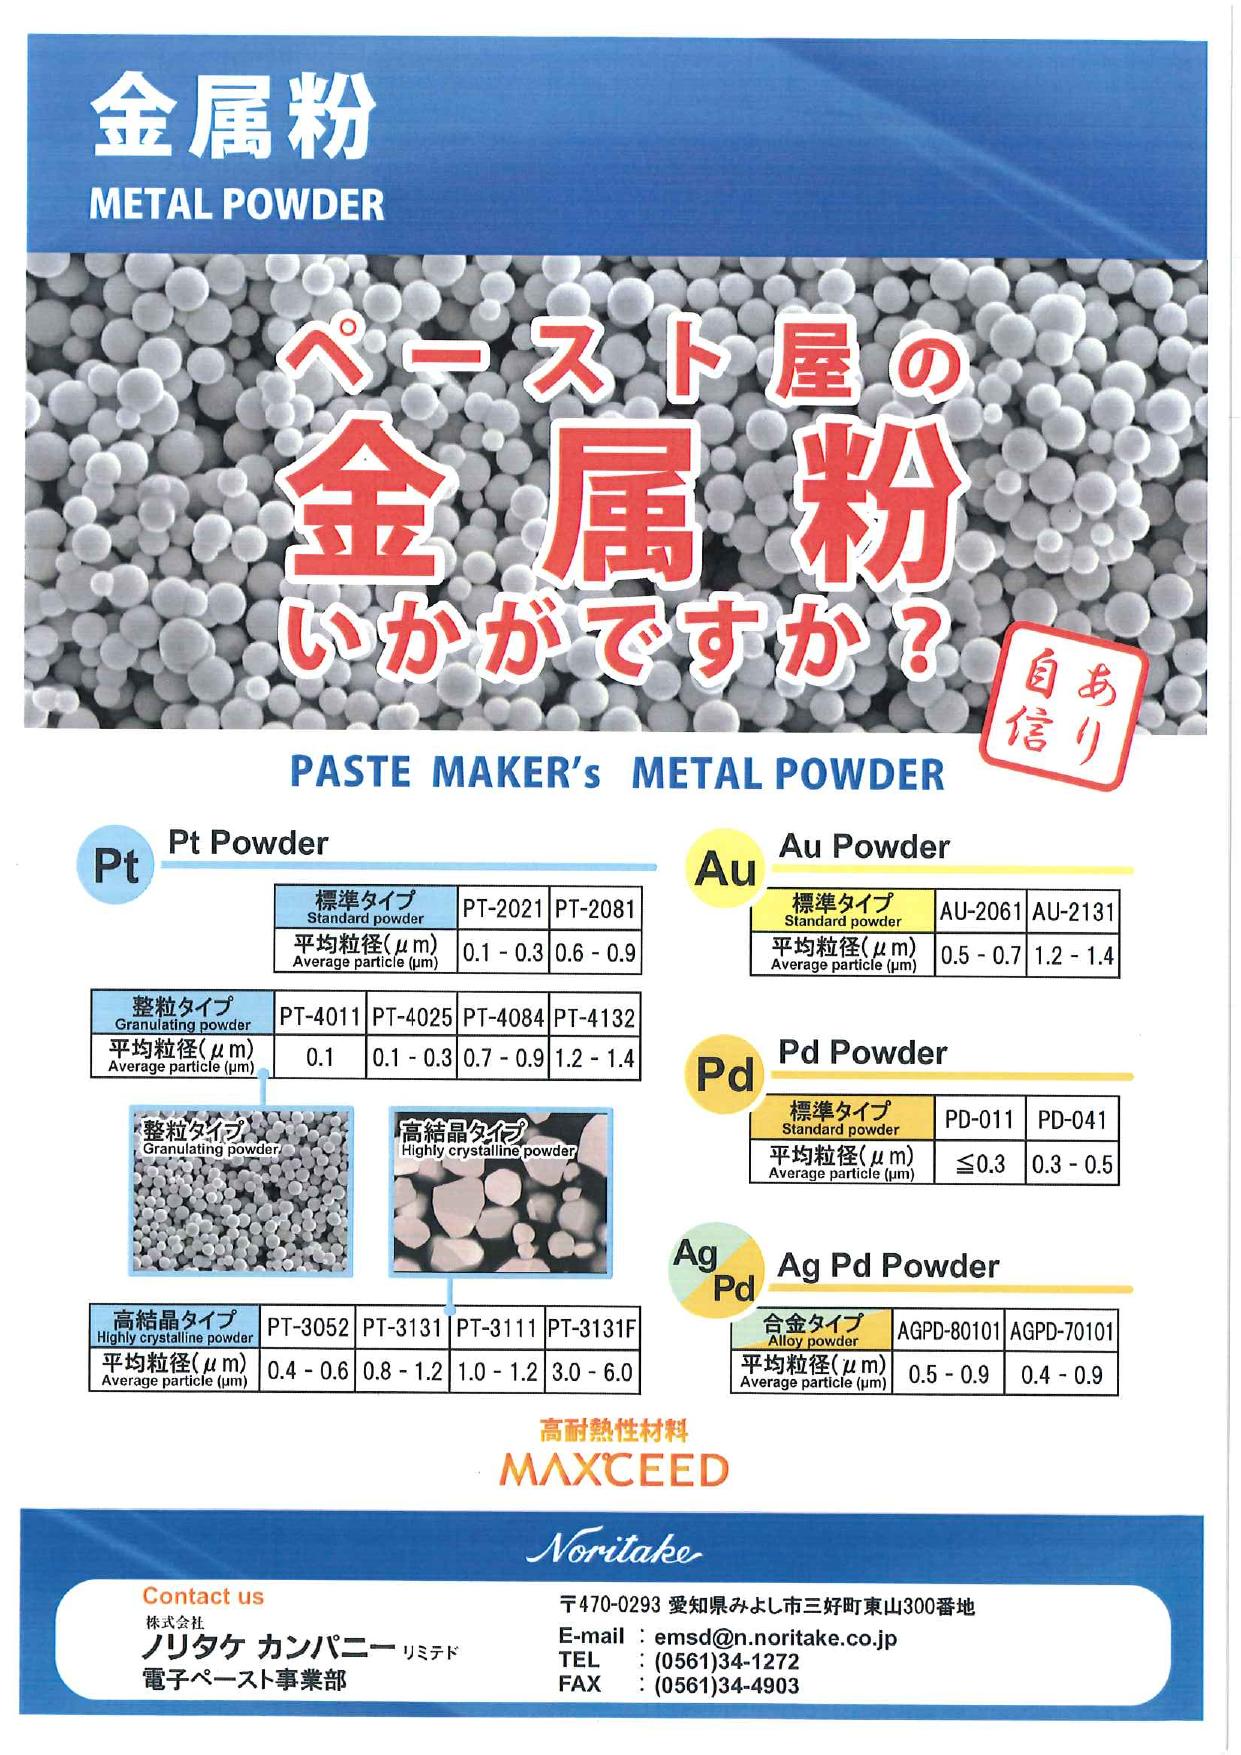 ノリタケ 金属粉